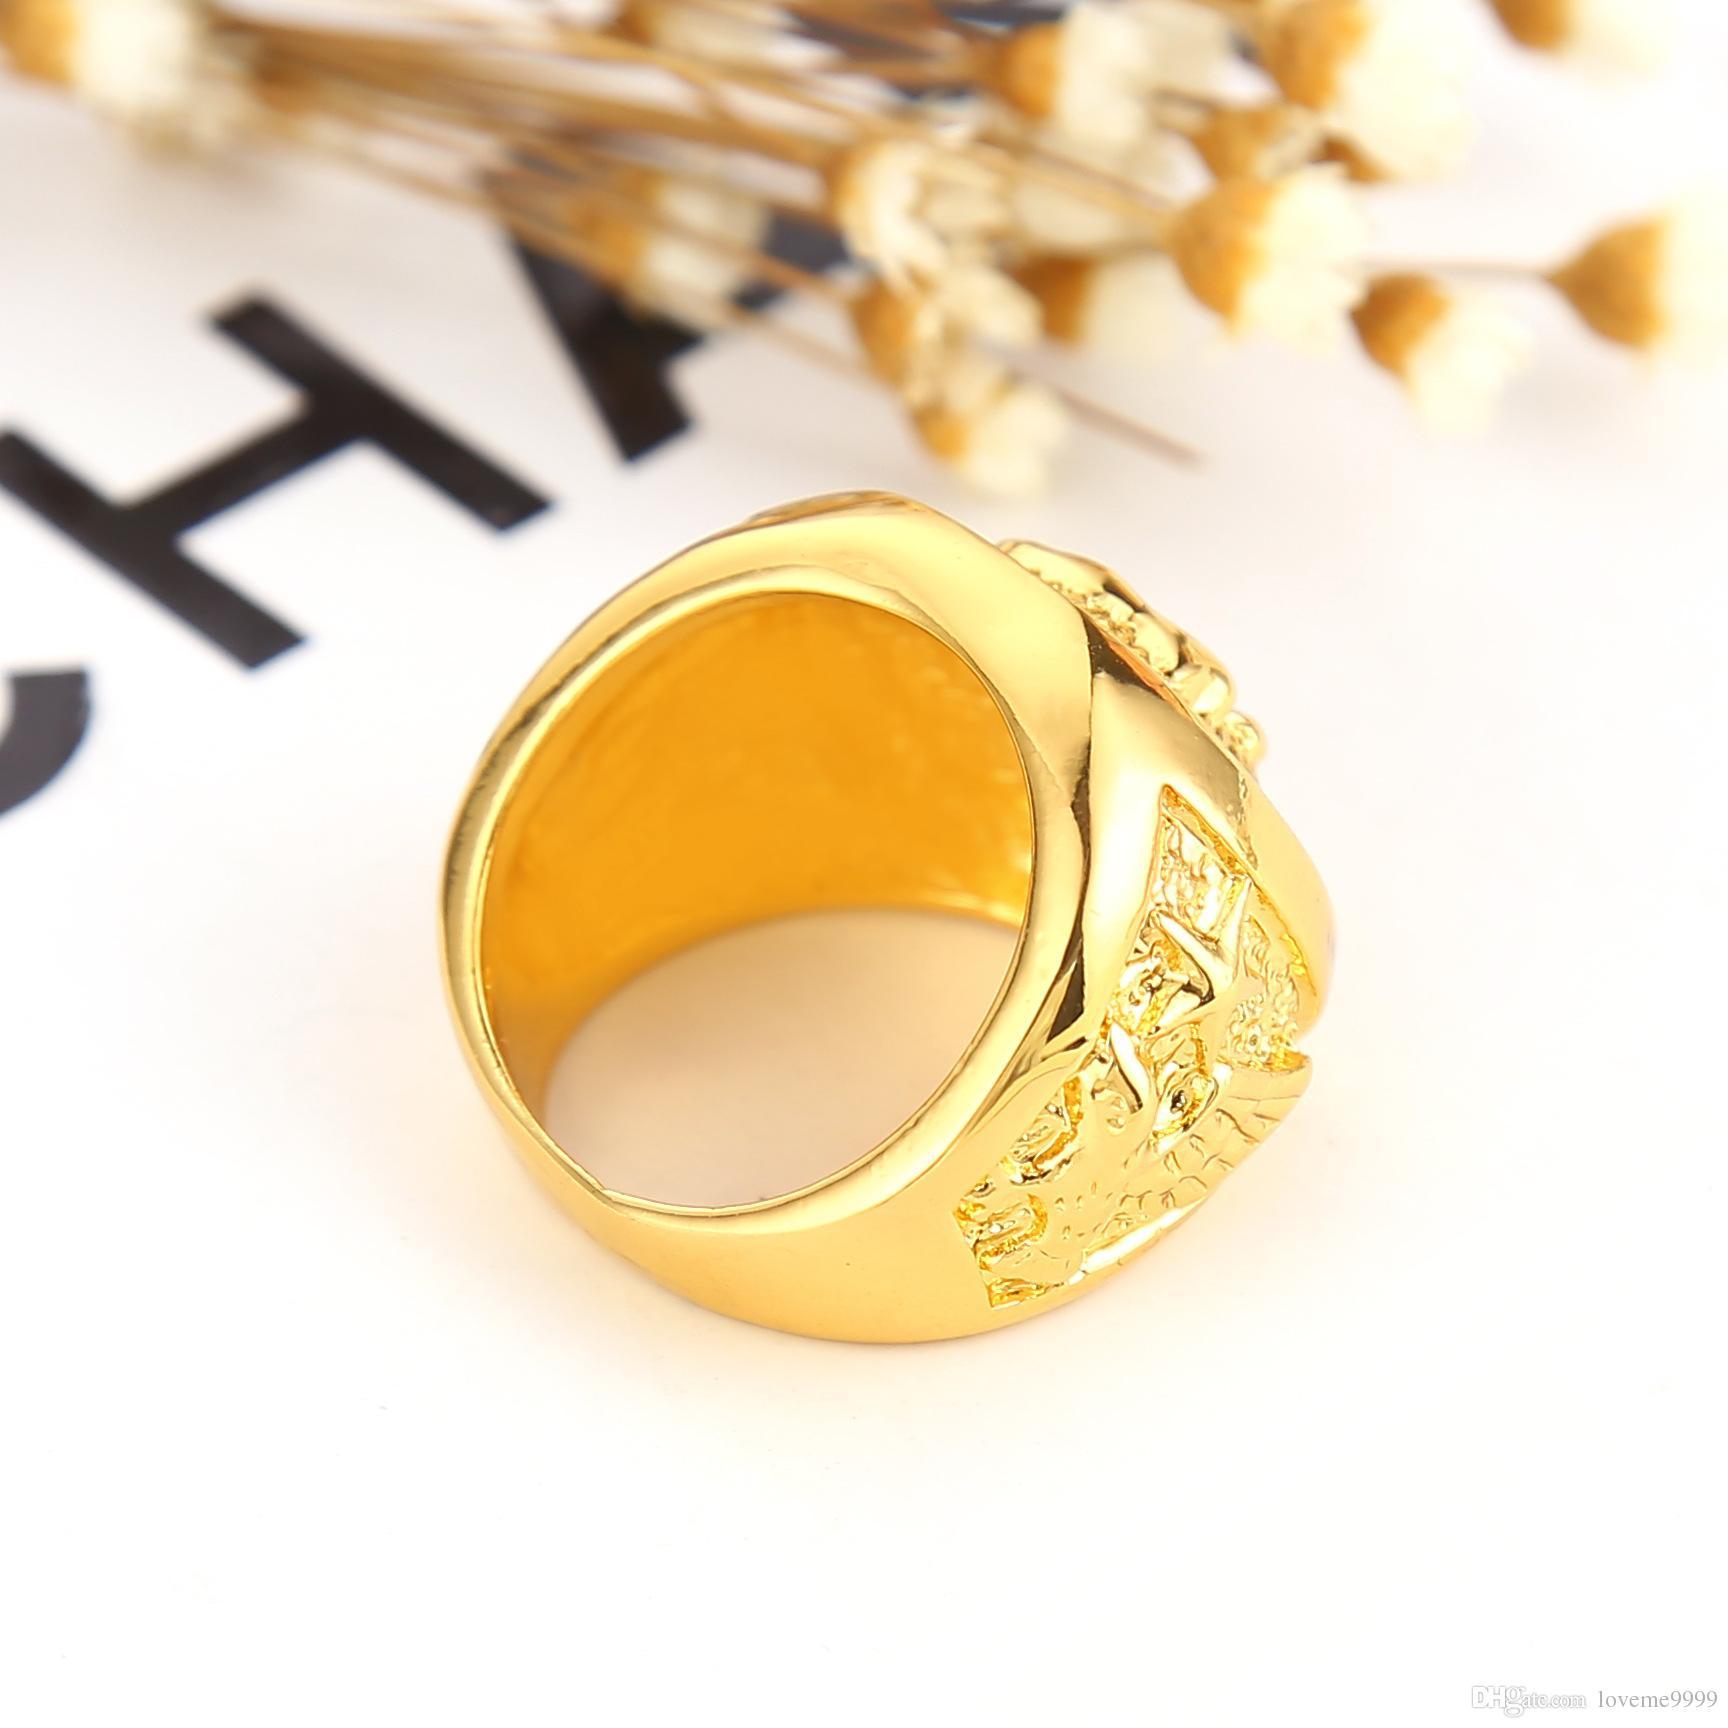 Высокое качество хип-хоп Лев голова кольцо мужская liion лицо кольцо 24K GP желтое золото кольцо для мужчин размер 7, 8,9 10,11